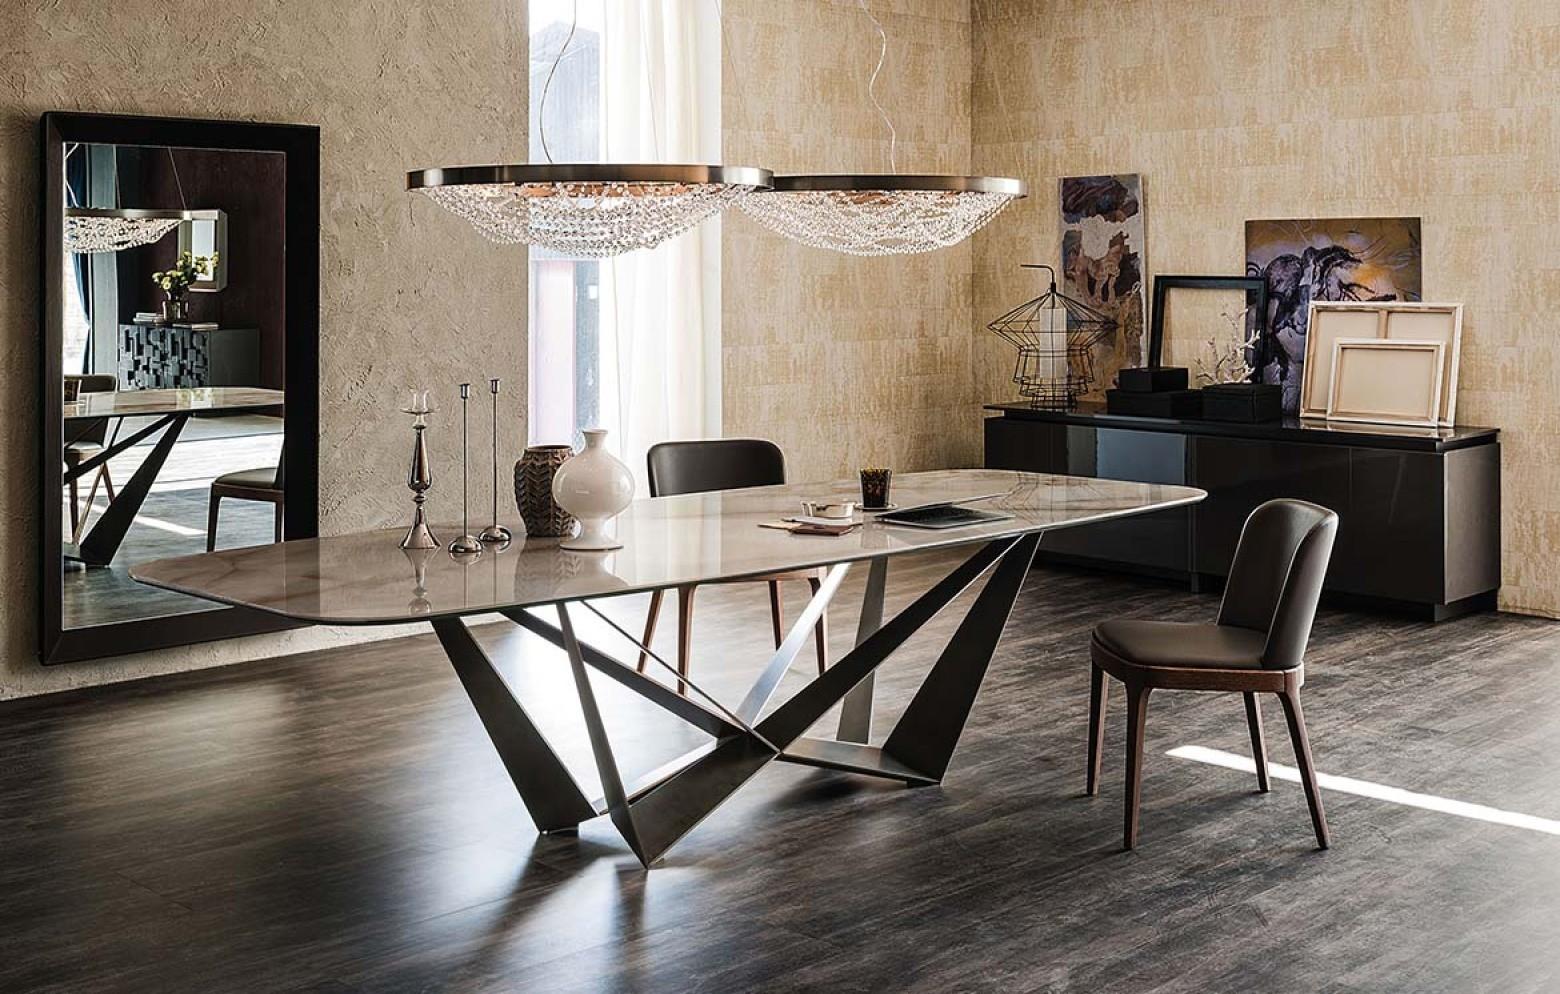 Full Size of Skorpio Keramik Esstisch Esstische Tische Sthle Whos Ausziehbar Runde Massiv Massivholz Kleine Holz Designer Design Rund Moderne Esstische Esstische